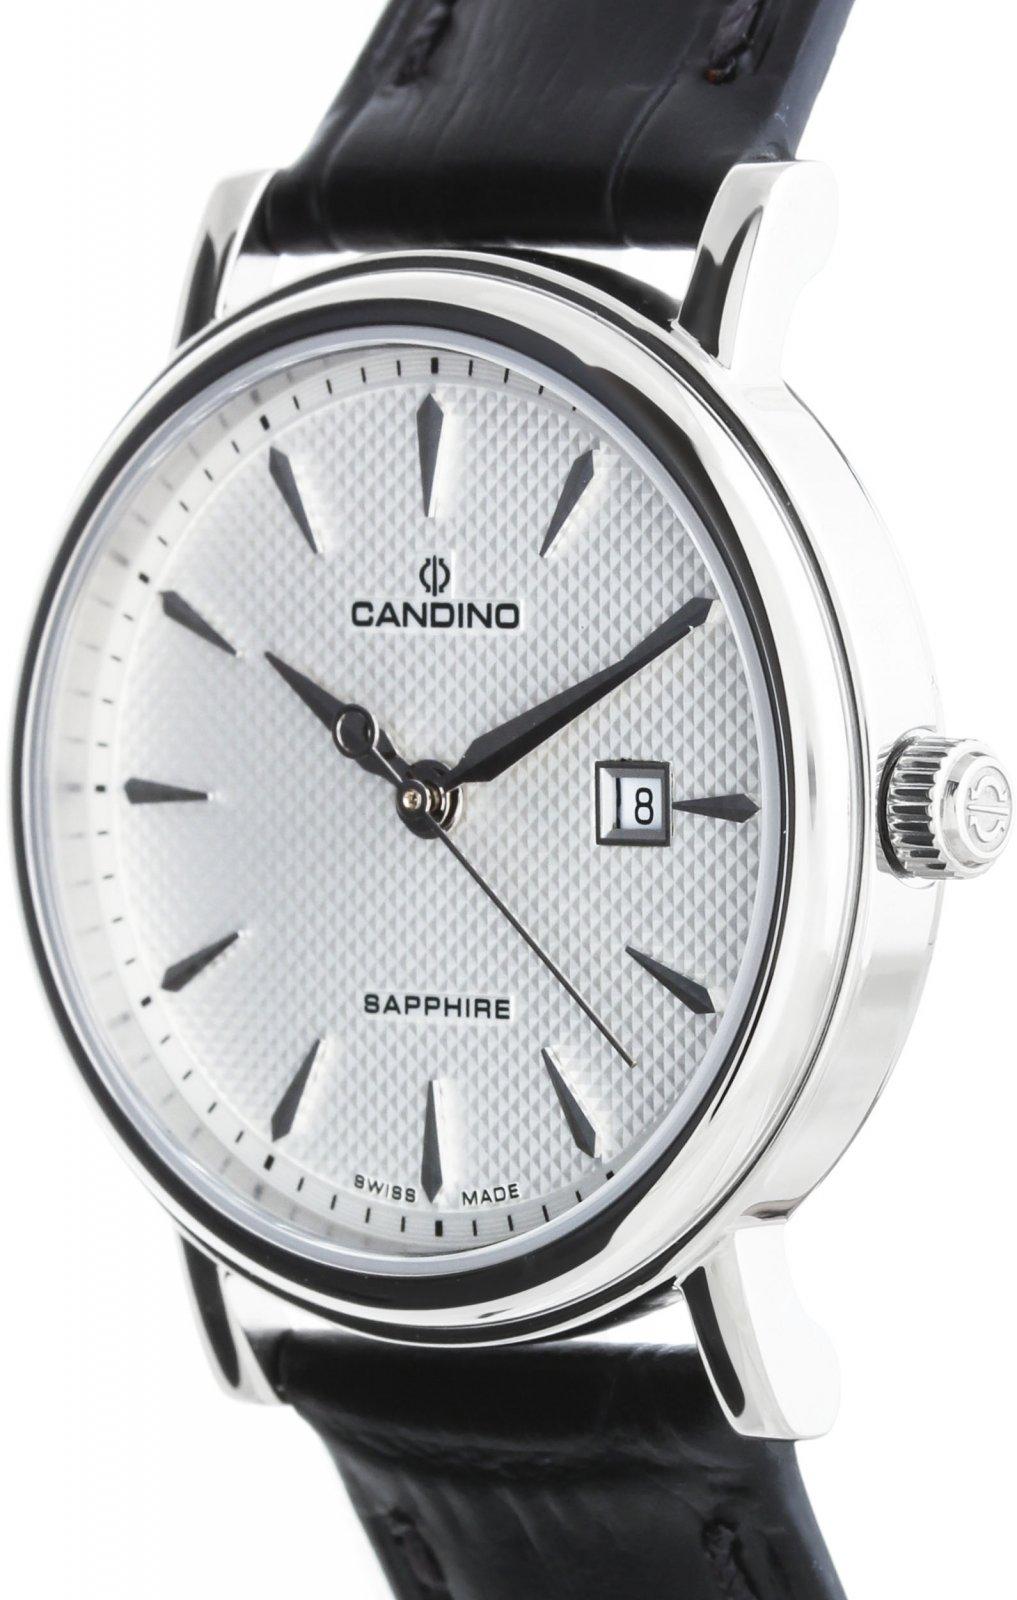 Сегодня торговая марка candino, основанная в году в швейцарской коммуне хербертсвилль, прочно укрепилась на международном часовом рынке.